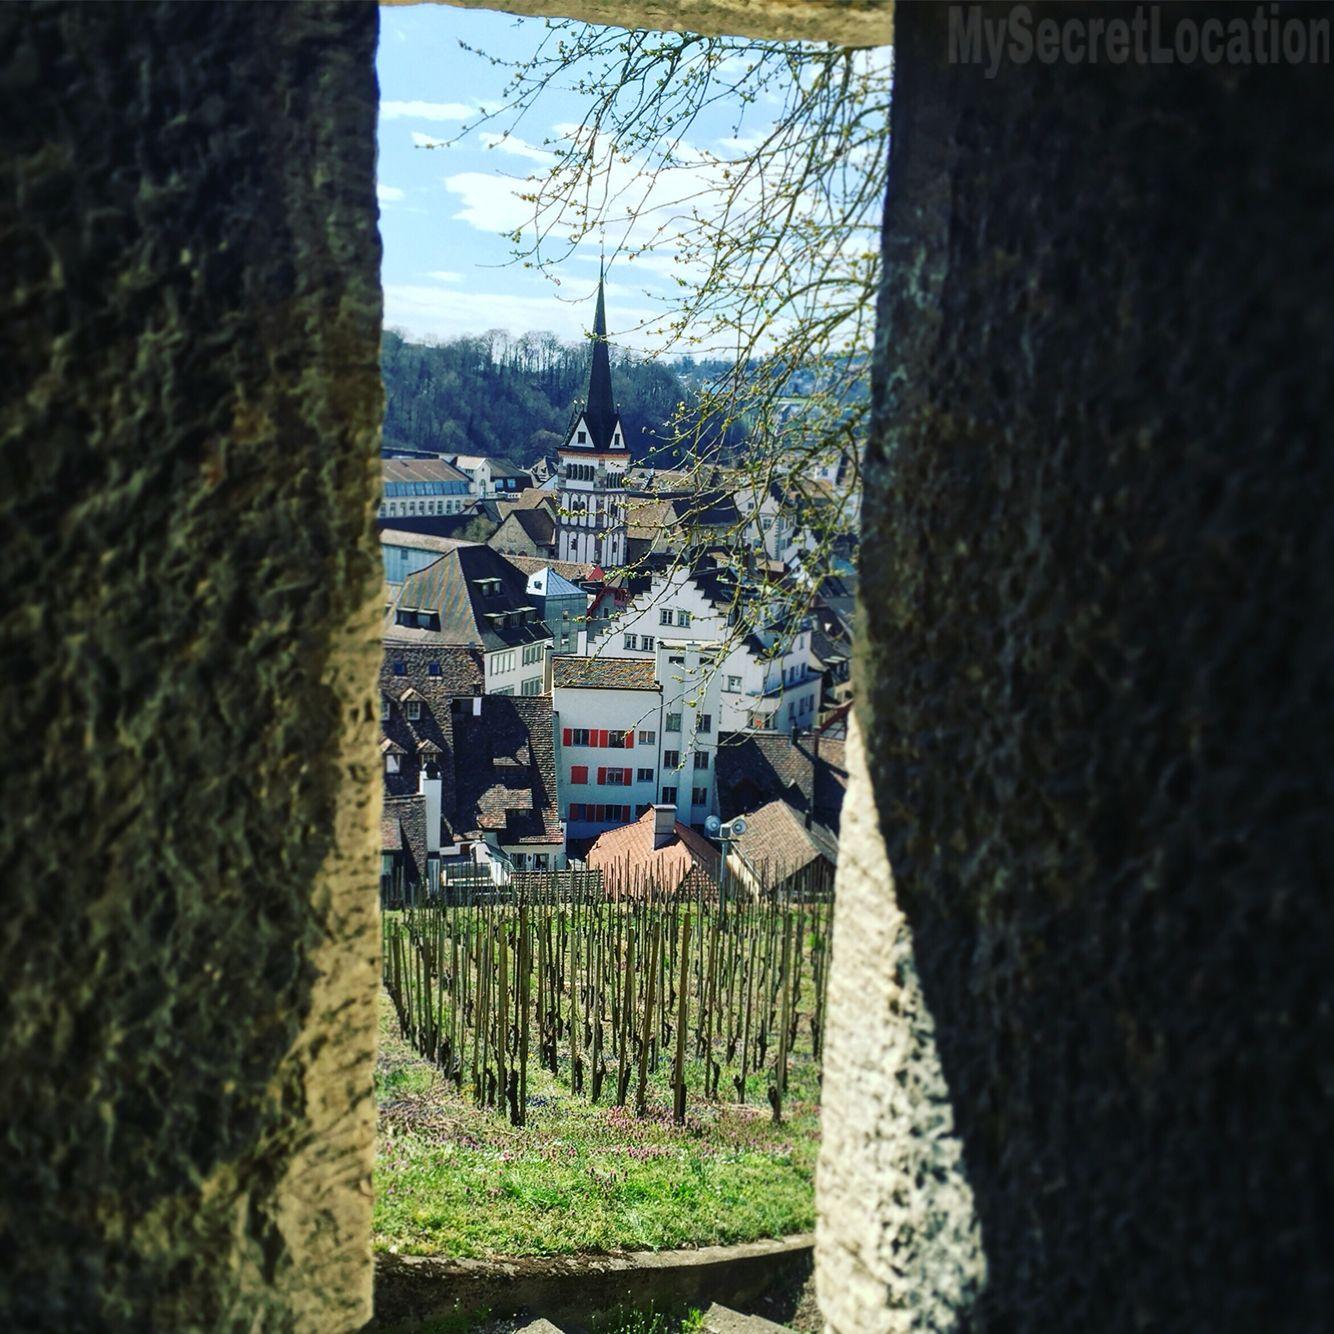 Schaffhausen, Switzerland Travel, Secret location